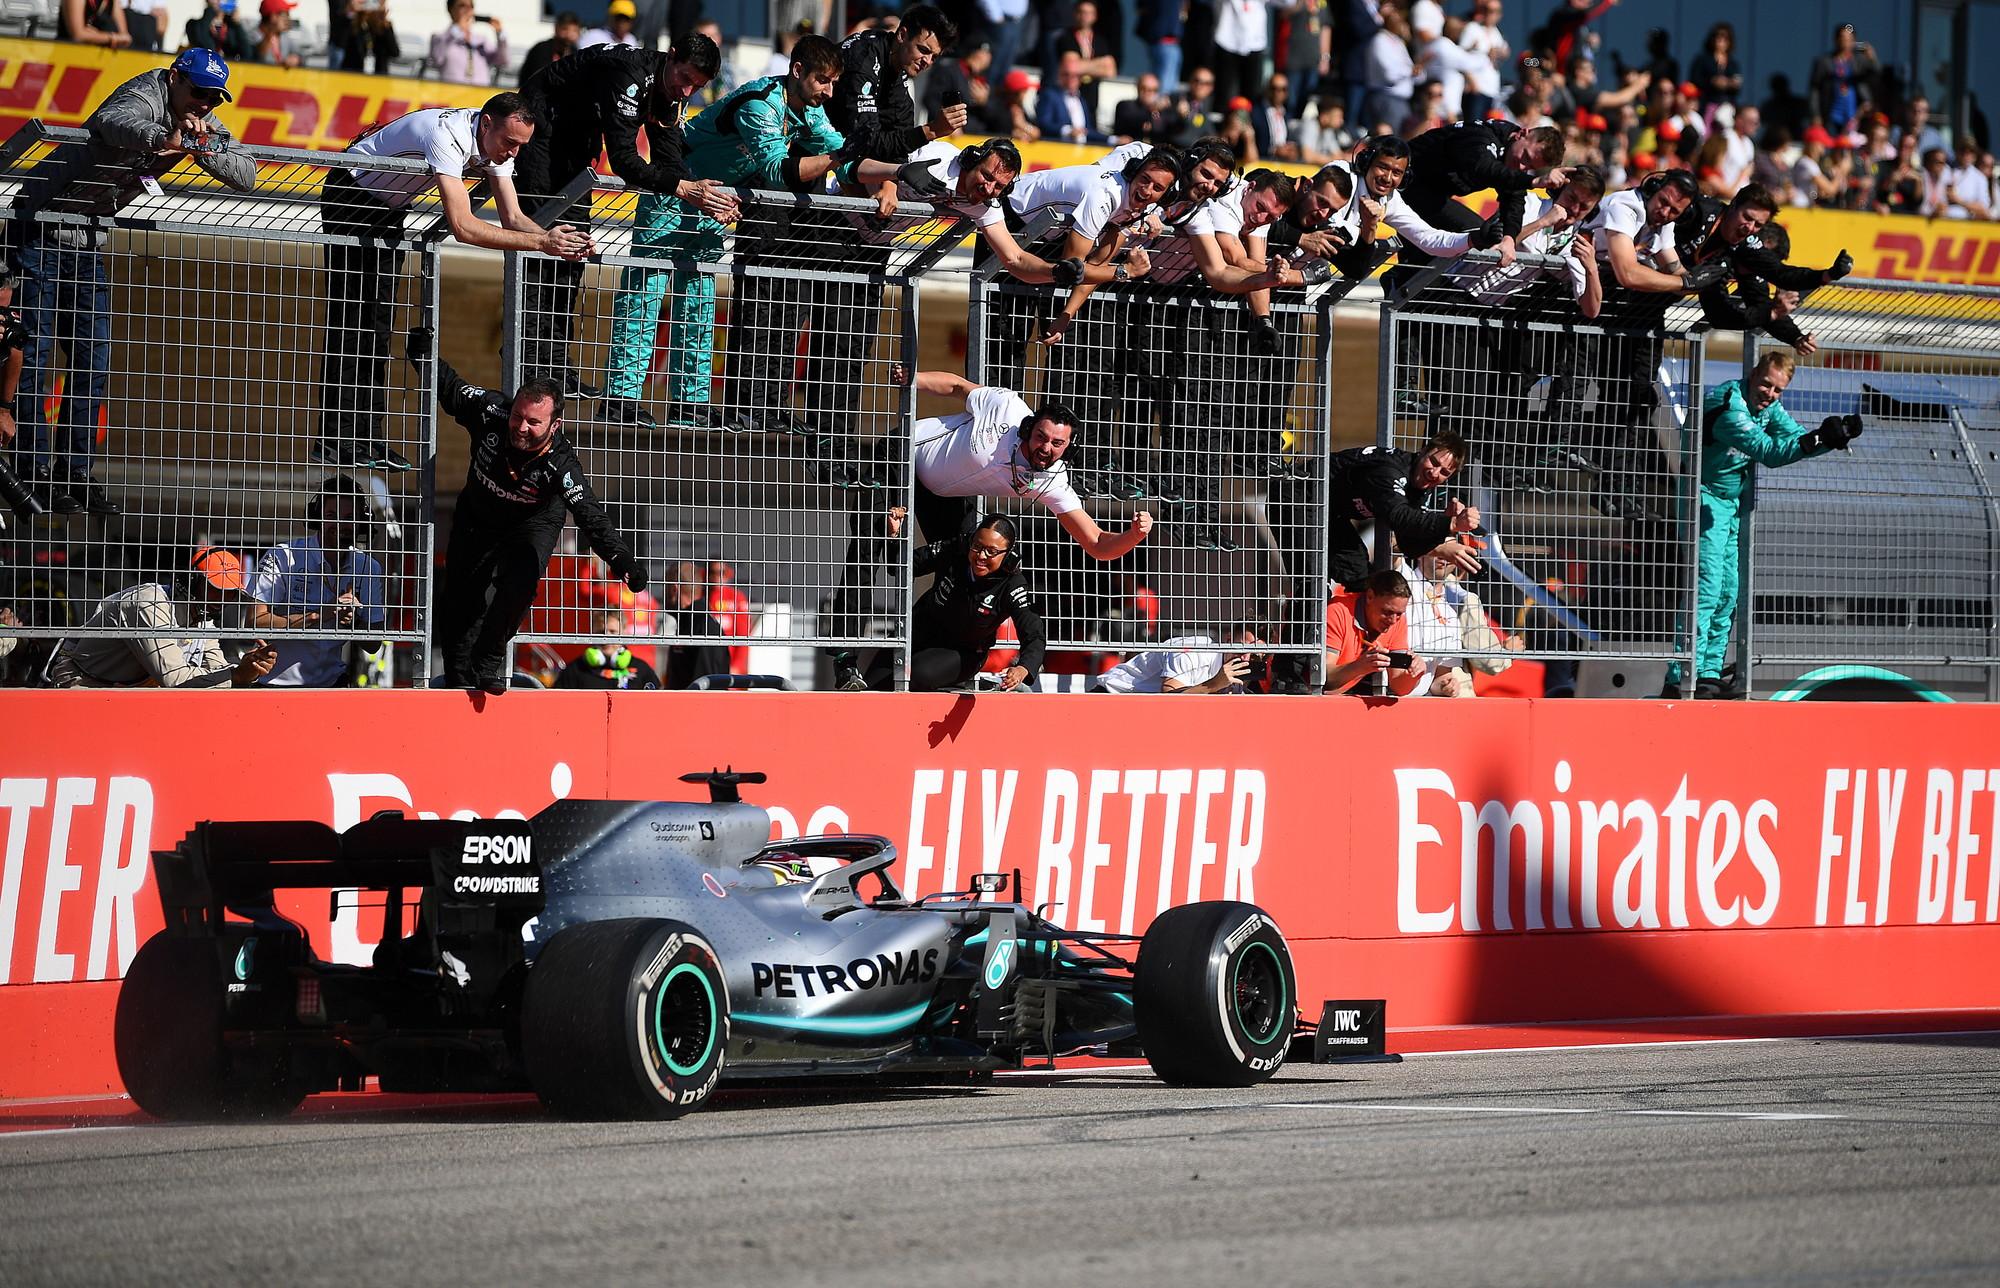 Le immagini pi&ugrave; belle del GP degli Stati Uniti, che ha consegnato al pilota Mercedes il suo sesto titolo mondiale<br /><br />